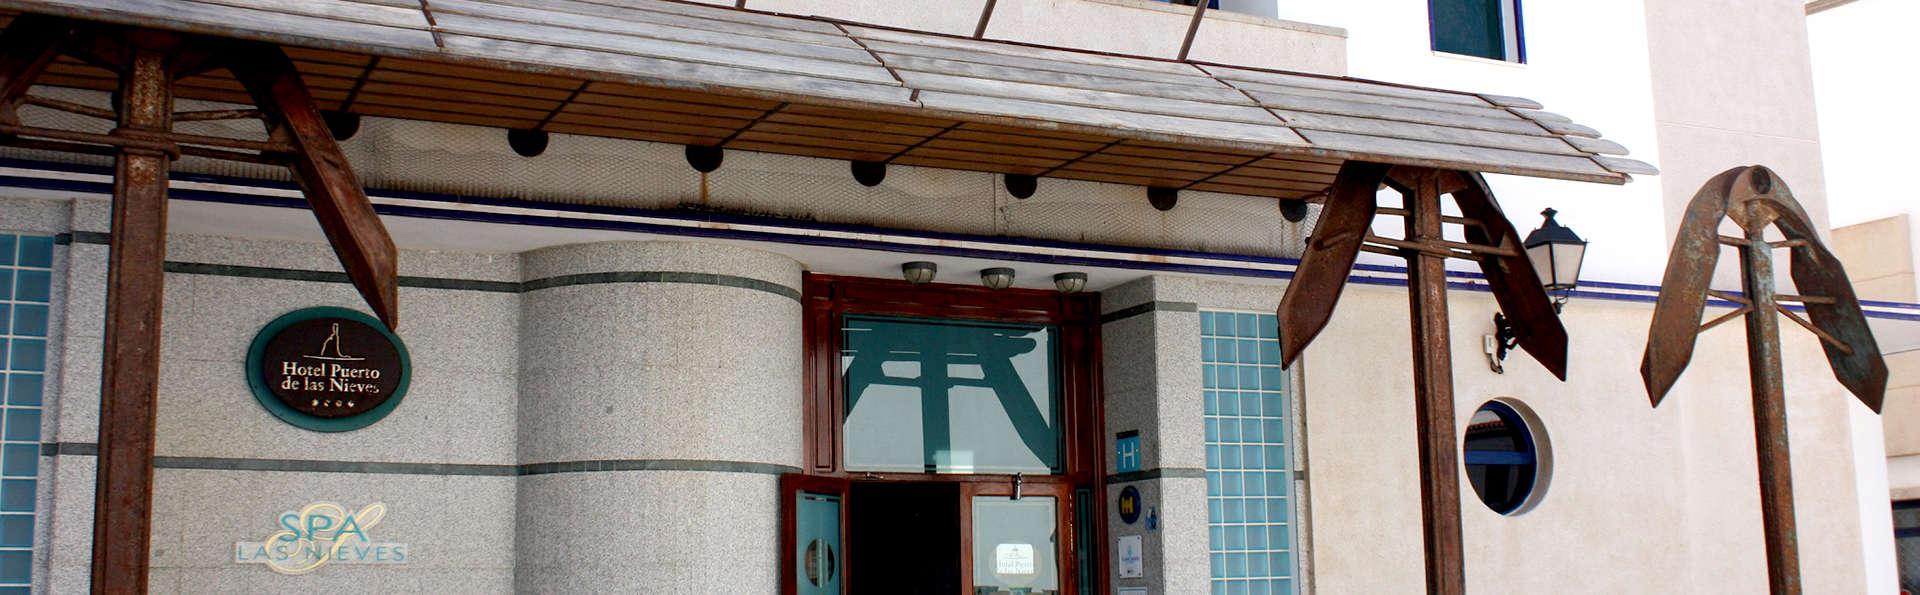 Hotel Puerto de las Nieves - Edit_Front2.jpg